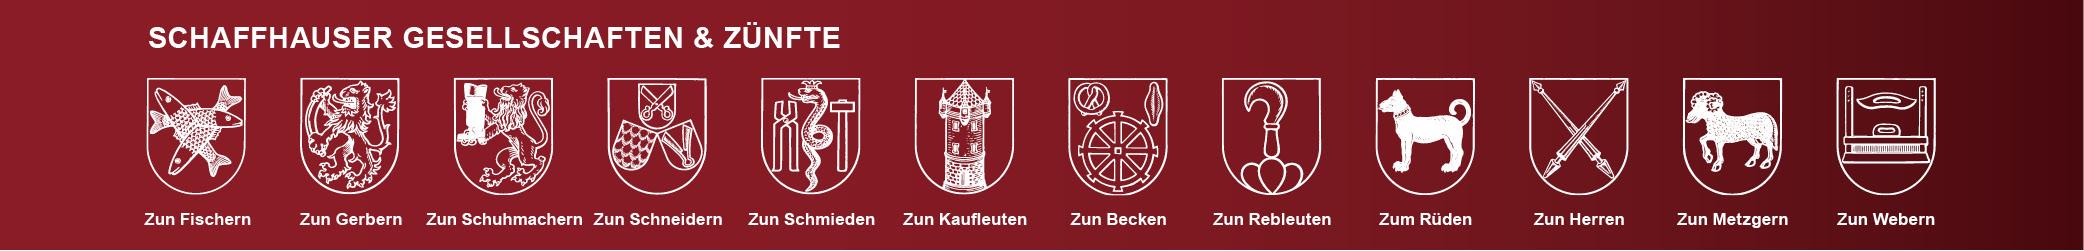 Schaffhauser Gesellschaften & Zünfte